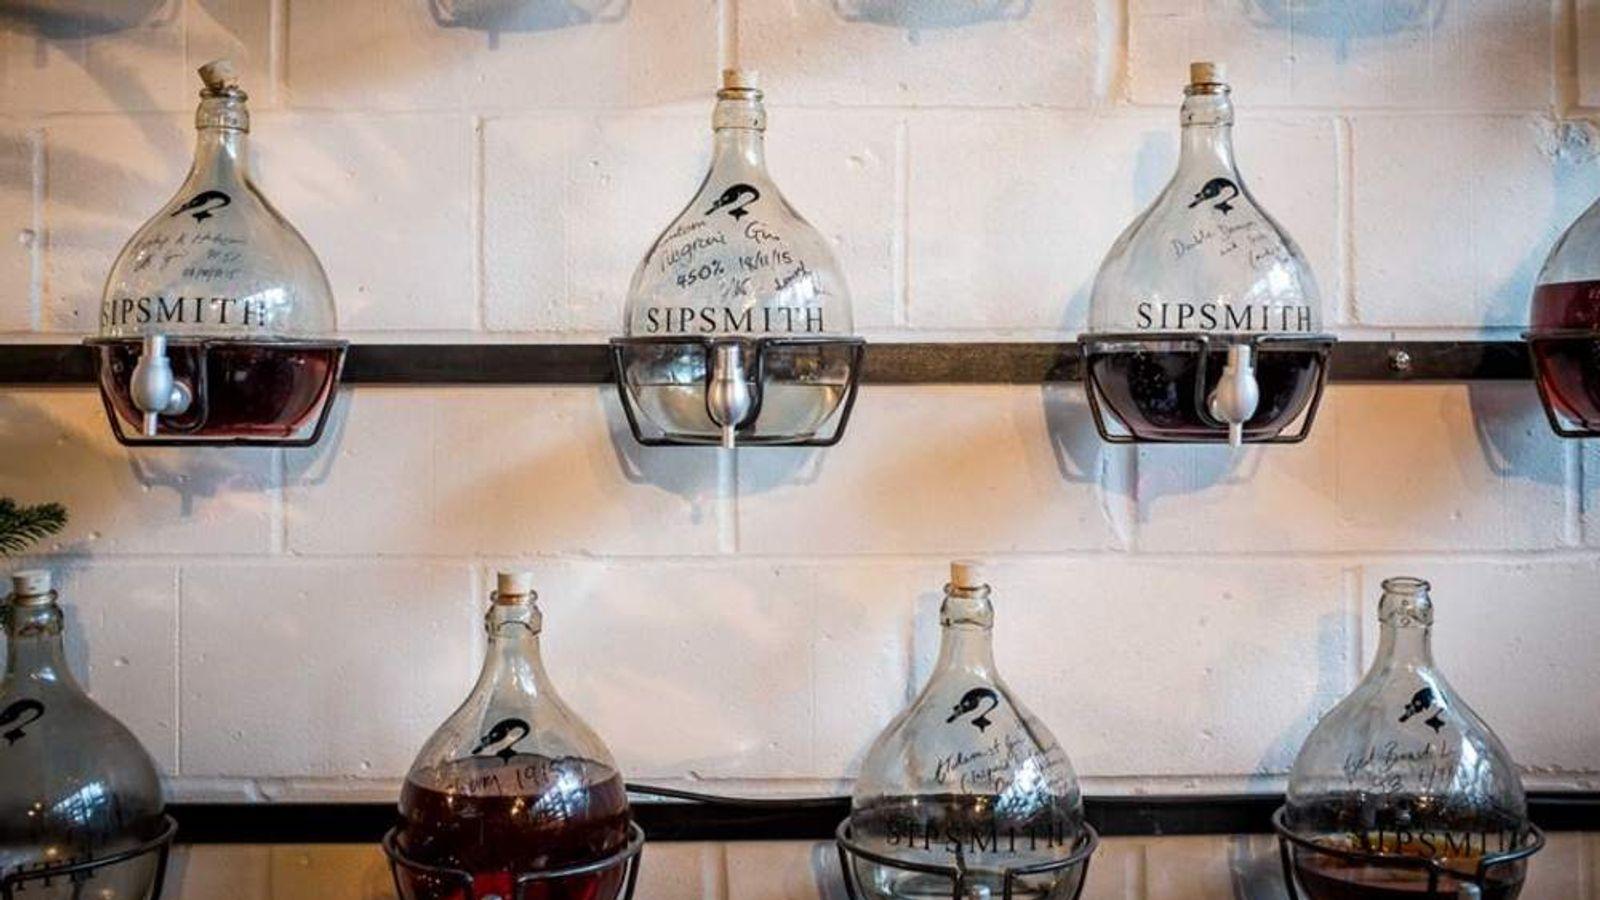 Gin bottles at Sipsmith